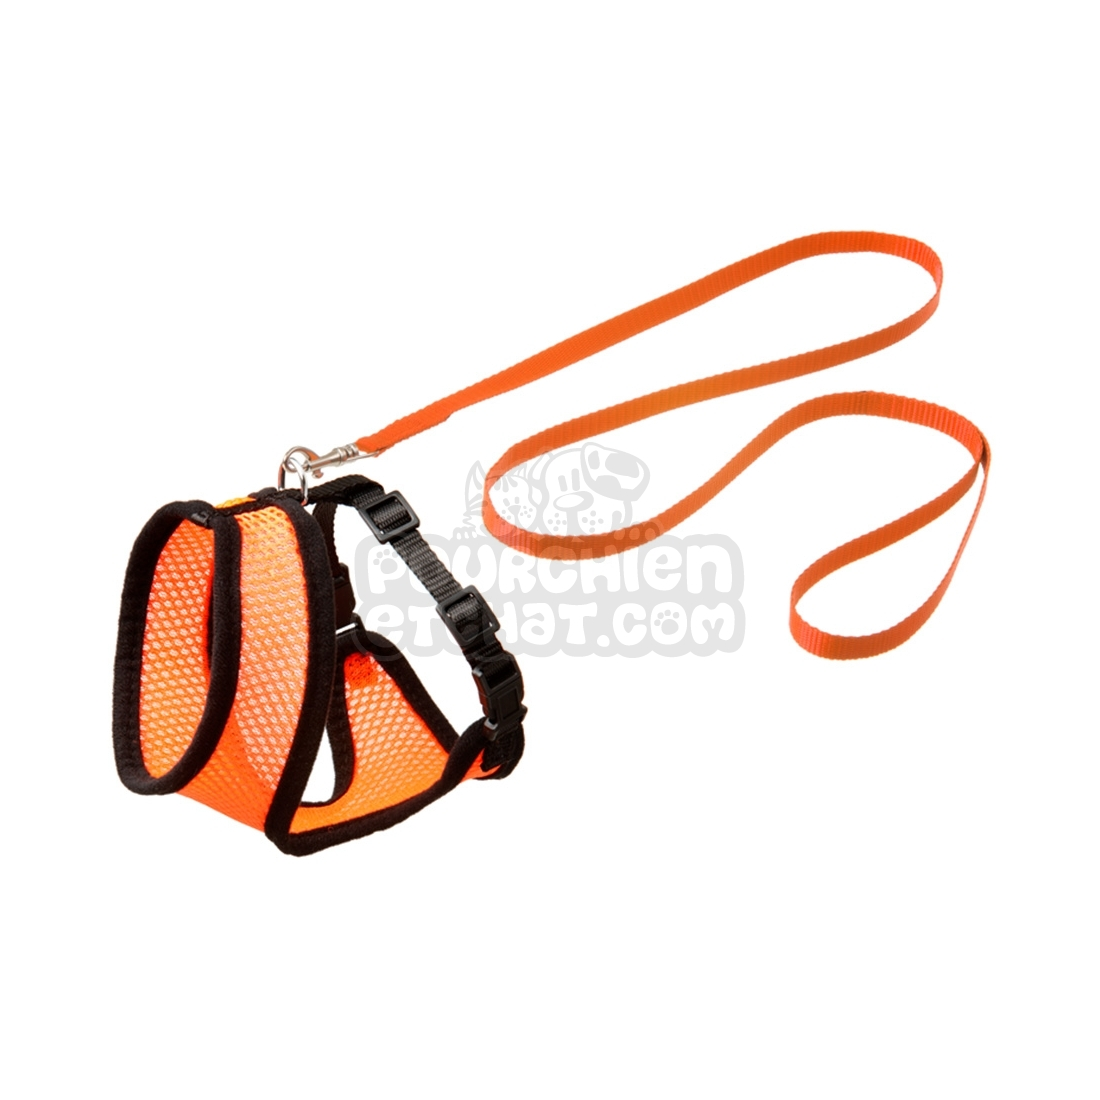 Ensemble laisse et harnais pour chat Original Harms orange